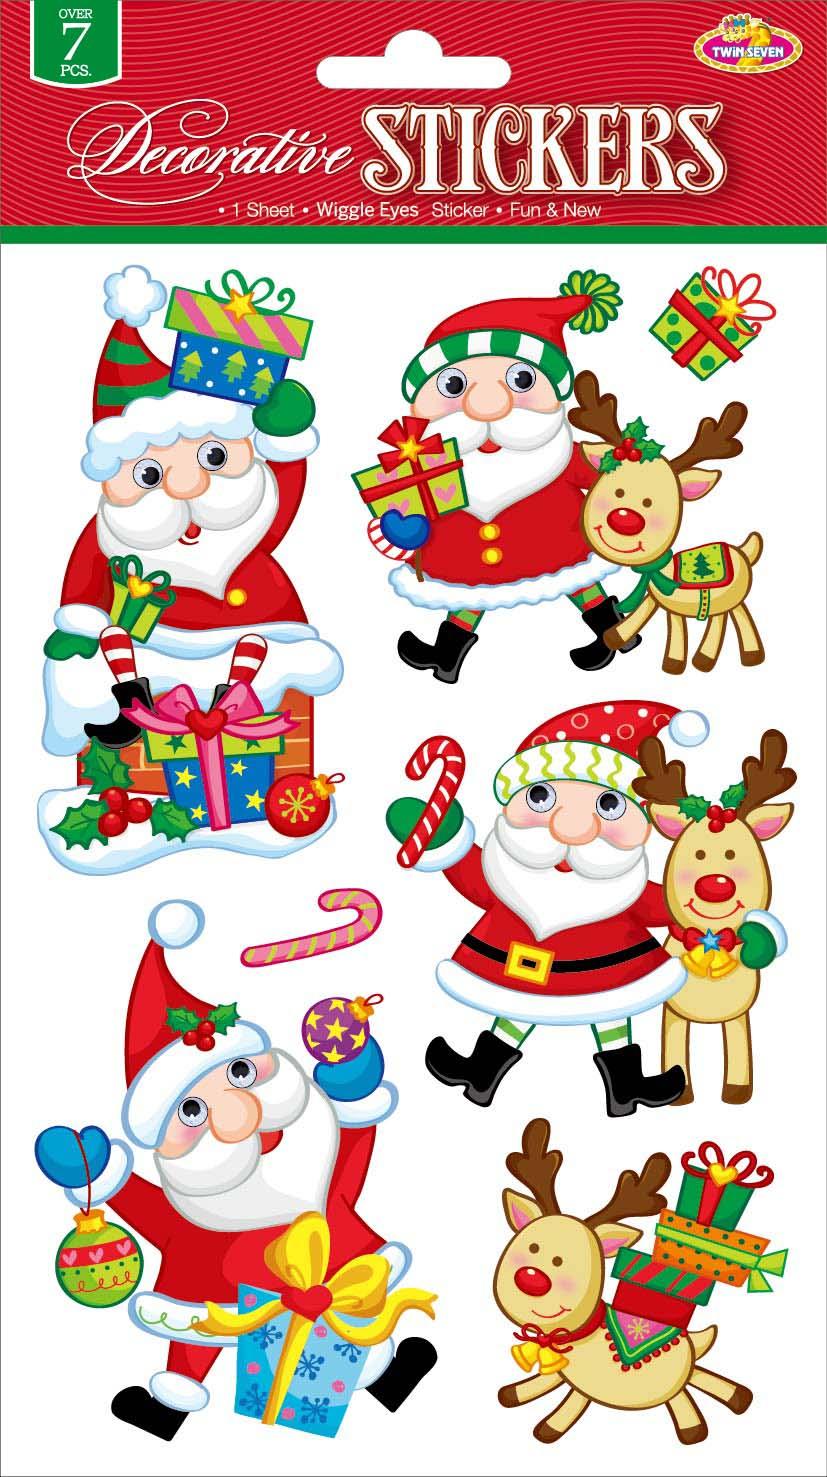 Наклейки для интерьера Room Decoration Забавный СантаCLX3406Наклейки для стен и предметов интерьера Room Decoration Забавный Санта, изготовленные из самоклеящейся виниловой пленки, помогут украсить дом к предстоящим праздникам. Изделия выполнены в виде Санта-Клаусов с объемными глазами, подарка. Наклейки дадут вам вдохновение, которое изменит вашу жизнь и поможет погрузиться в мир ярких красок, фантазий и творчества. Для вас открываются безграничные возможности придумать оригинальный дизайн и придать новый вид стенам и мебели. Наклейки абсолютно безопасны для здоровья. Они быстро и легко наклеиваются на любые ровные поверхности: стены, окна, двери, стекла, мебель. При необходимости удобно снимаются, не оставляют следов. Наклейки Room Decoration Забавный Санта помогут вам изменить интерьер вокруг себя: в детской комнате и гостиной, на кухне и в прихожей, витрину кафе и магазина, детский садик и офис. Размер листа: 14 см х 21 см. Количество наклеек на листе: 7 шт. Размер самой большой наклейки: 6,5...